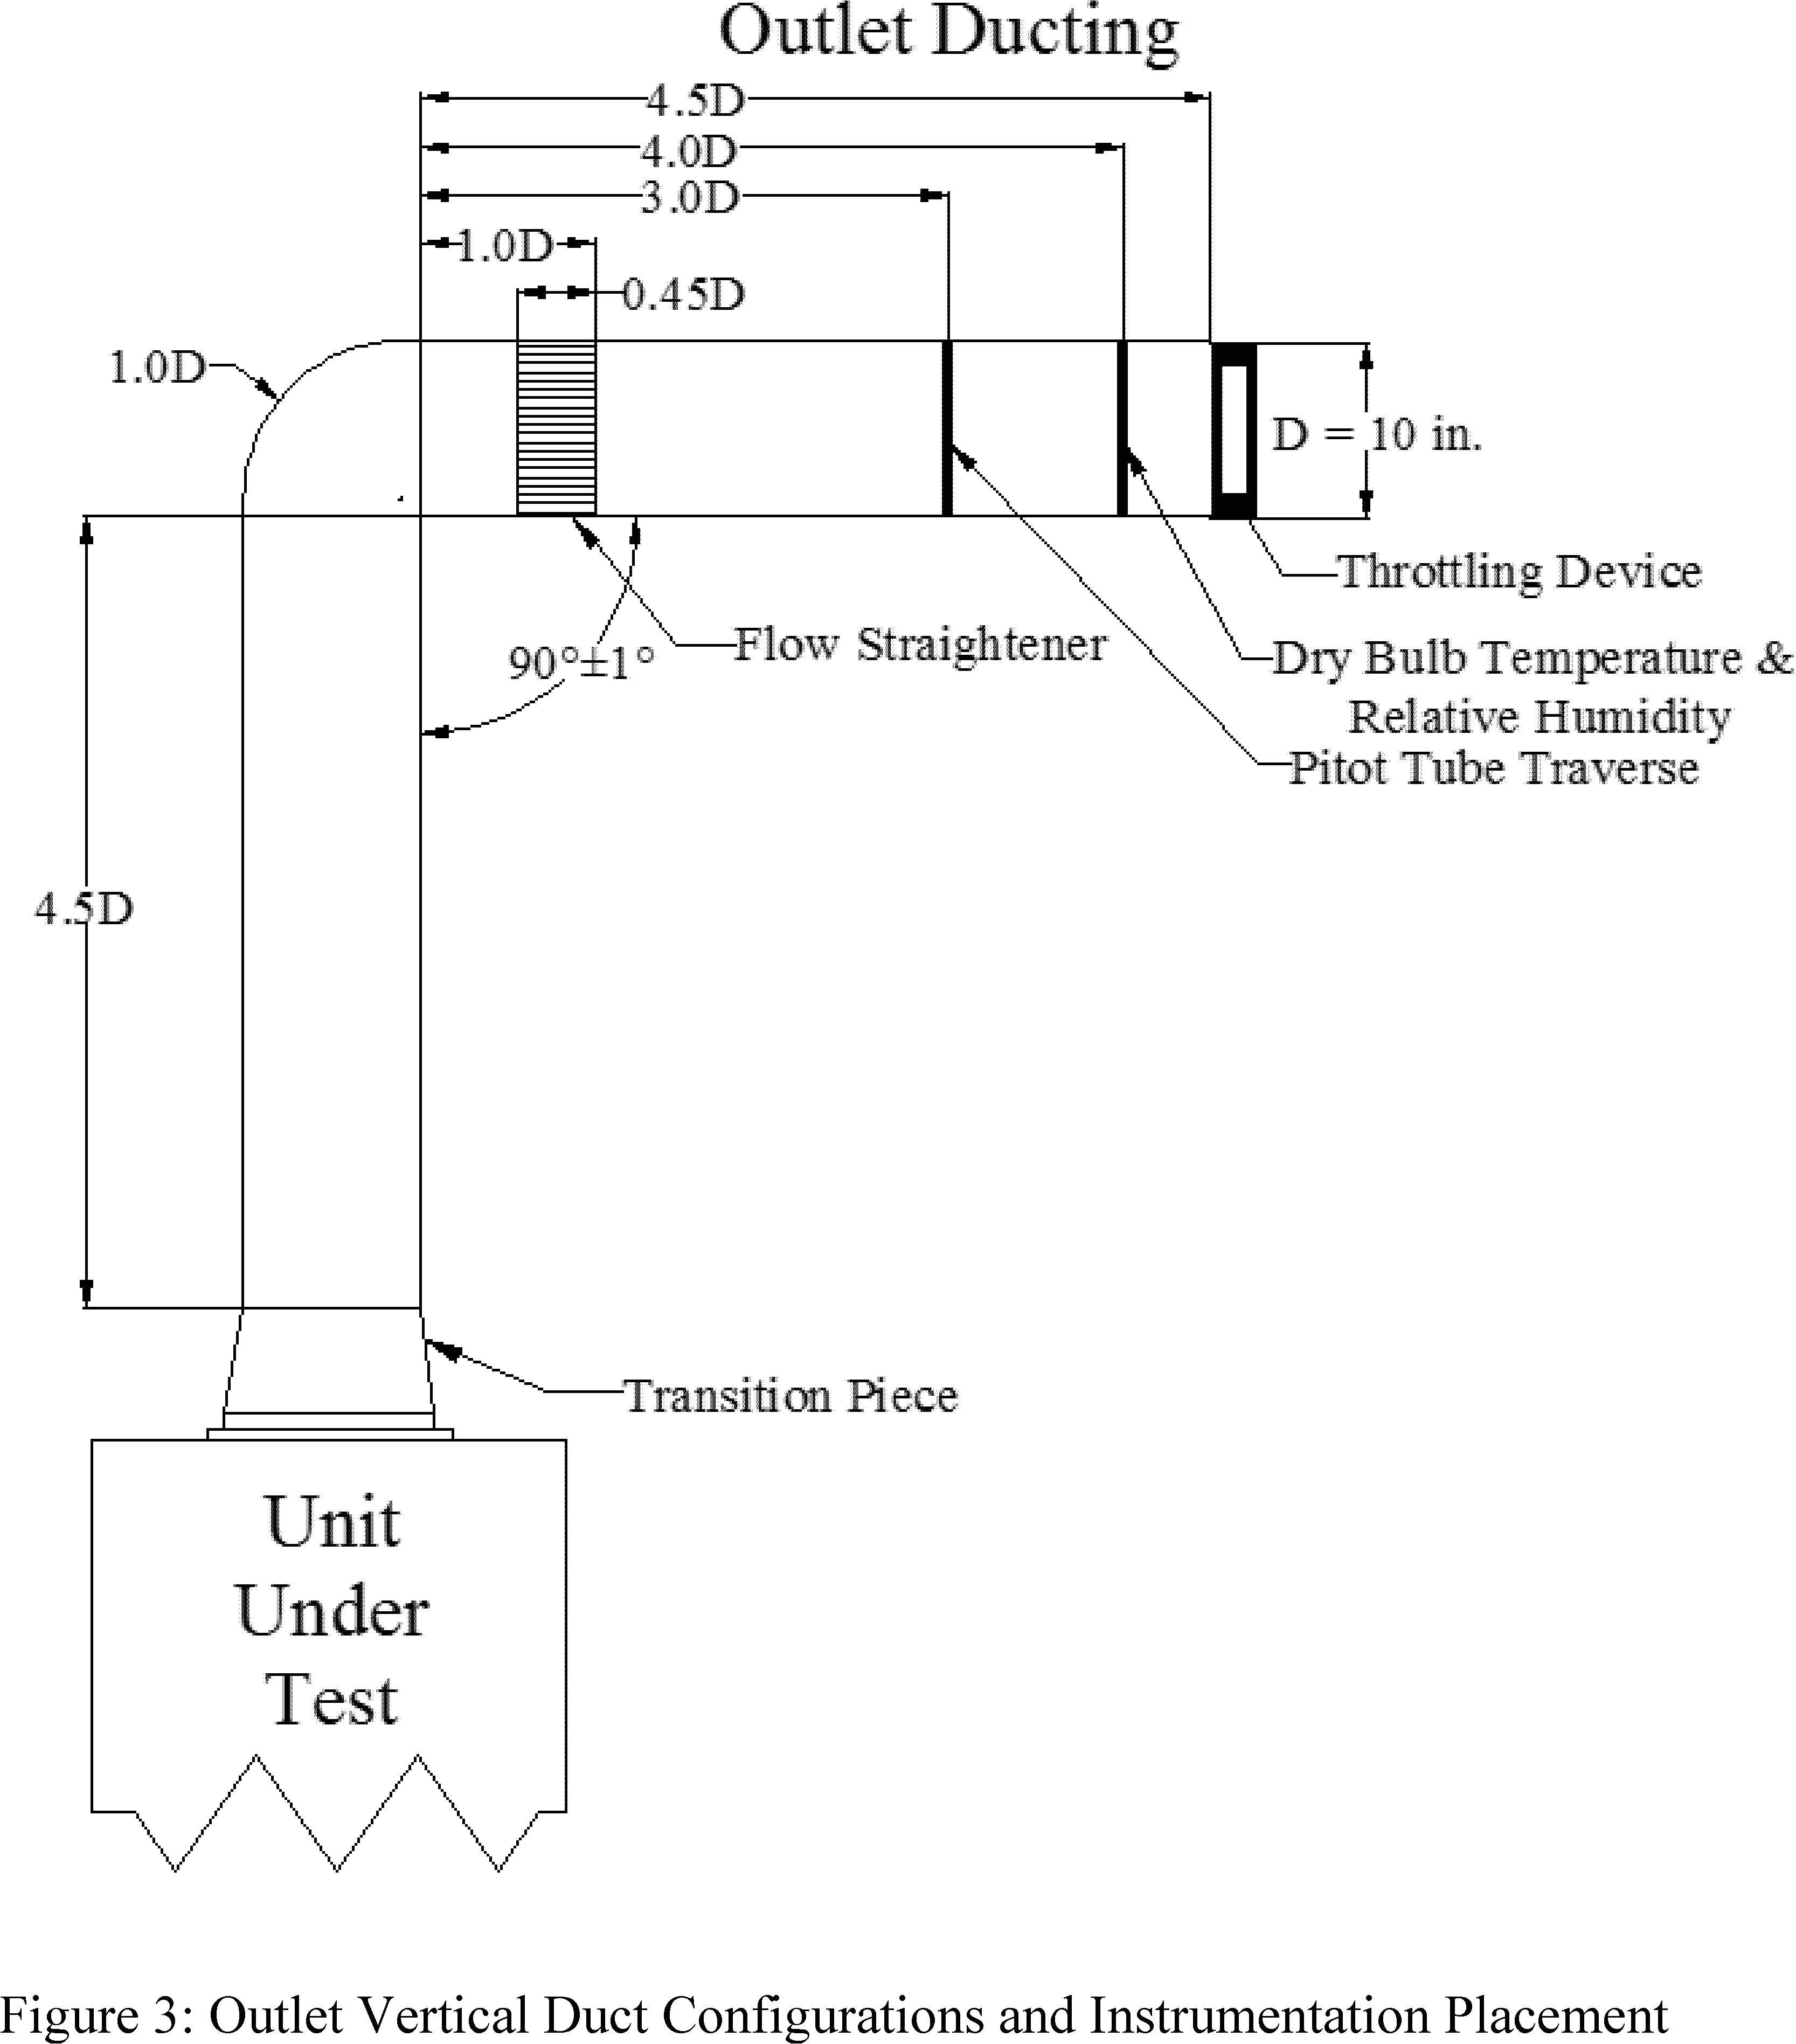 rj11 wiring diagram inspirational led rj45 wiring diagram datarj11 wiring diagram fresh rj11 wiring diagram using